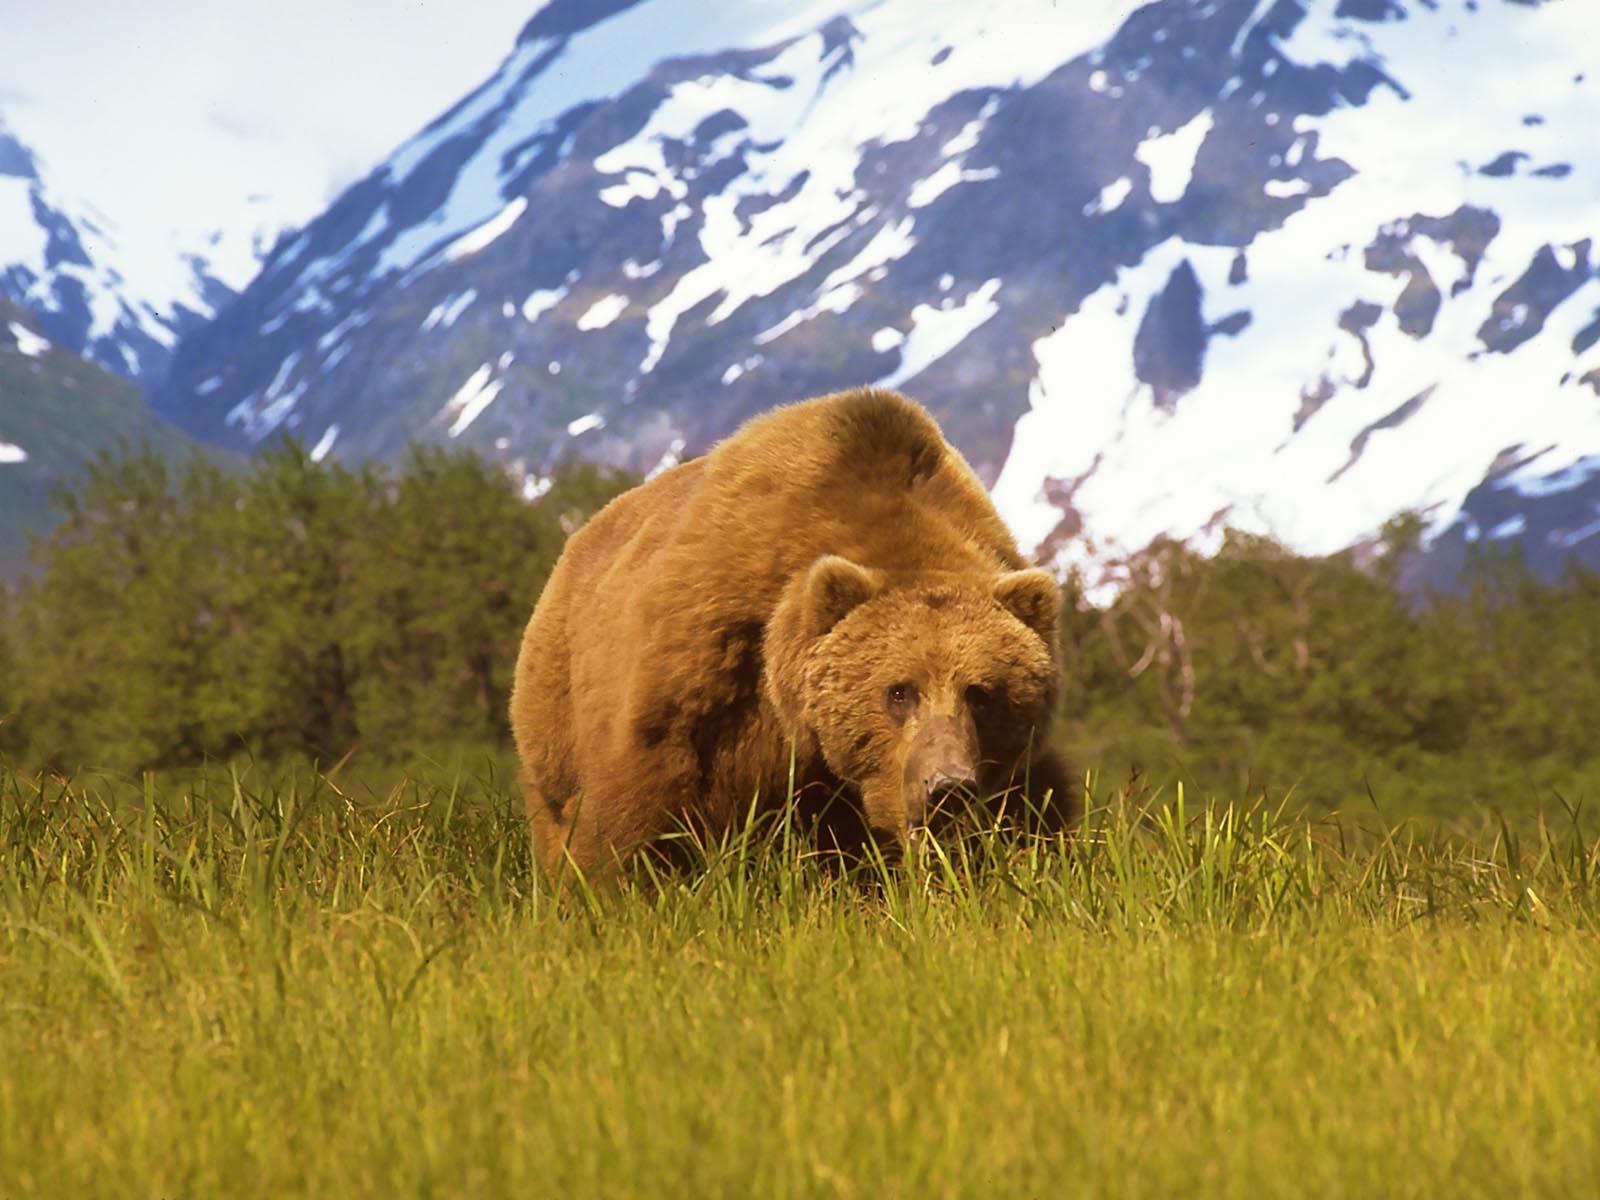 A mountain of a bear